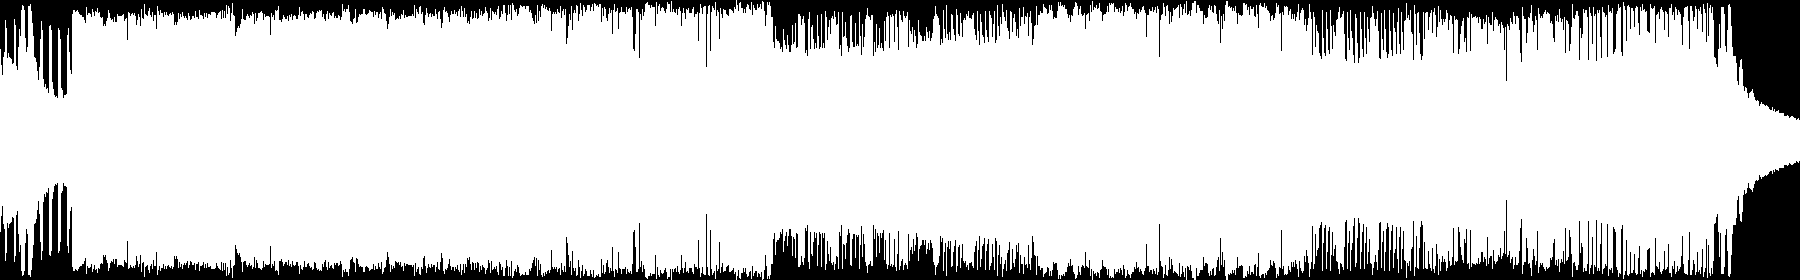 Tunecraft Dirtstep Supercharge Vol.1 for Serum audio waveform